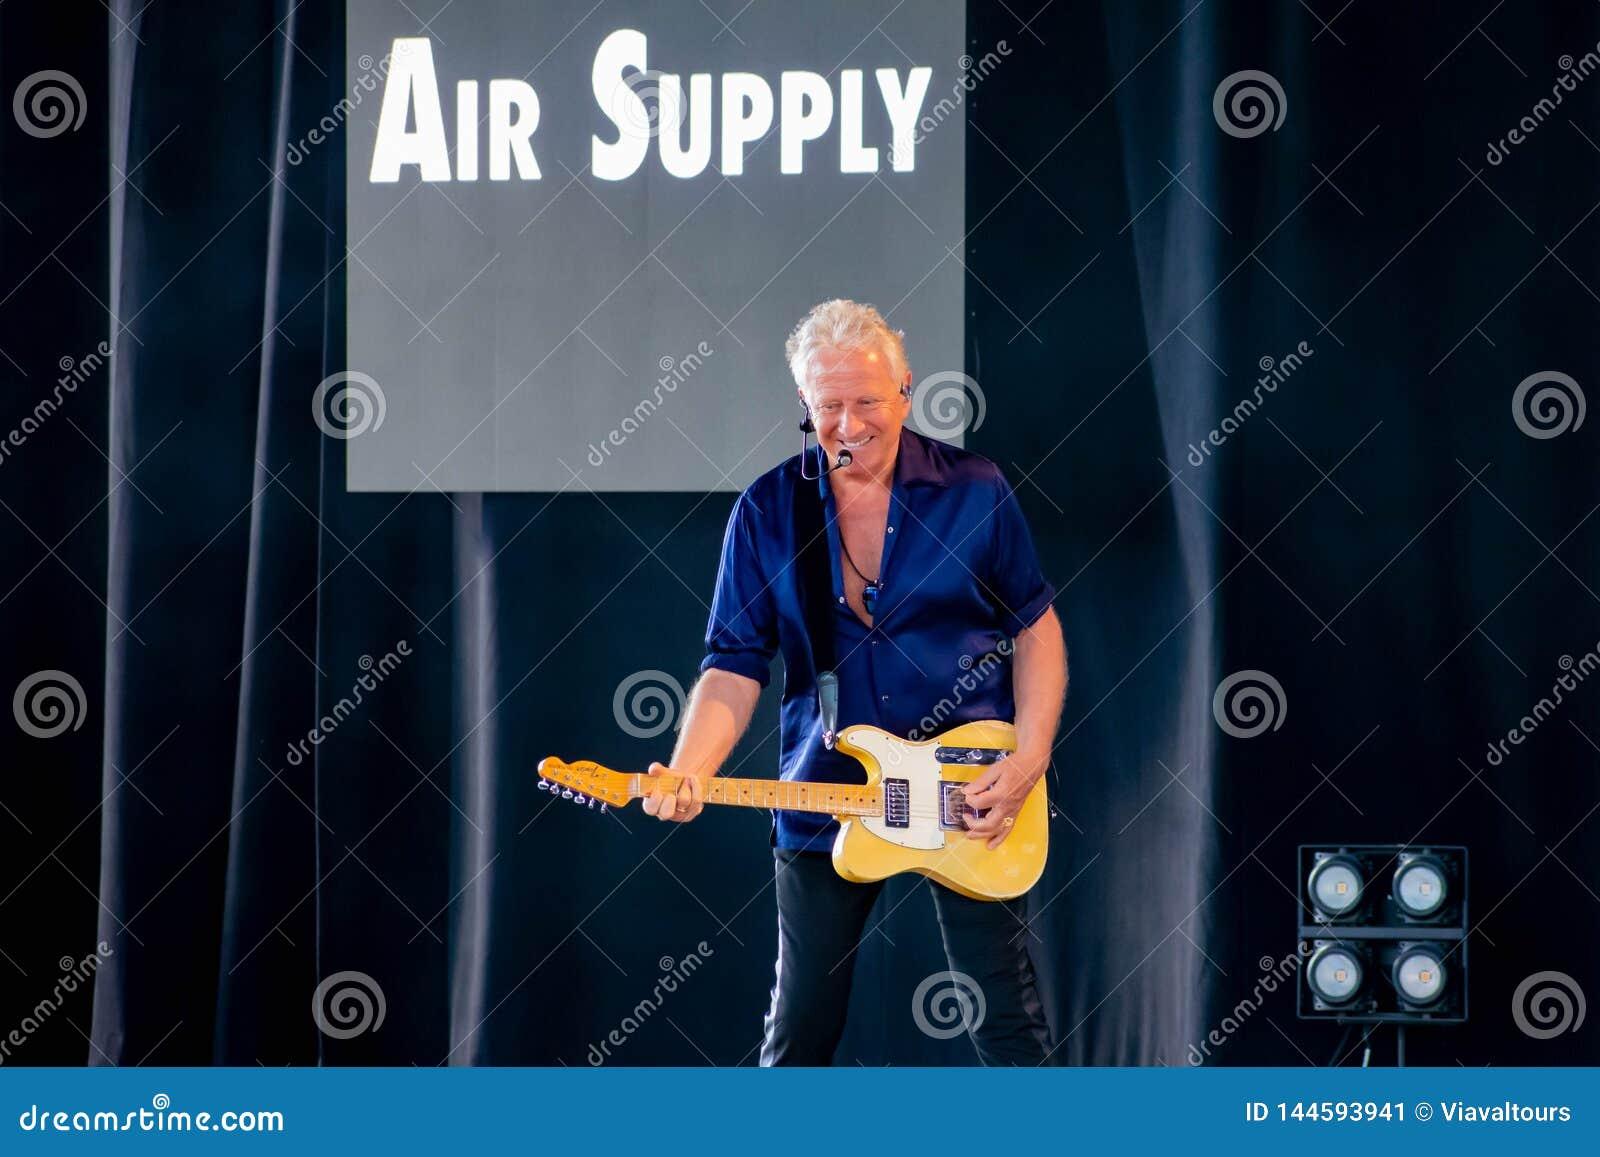 Graham Рассел от подачи воздуха, мелодии петь красивой на Epcot в мире 4 Уолт Дисней